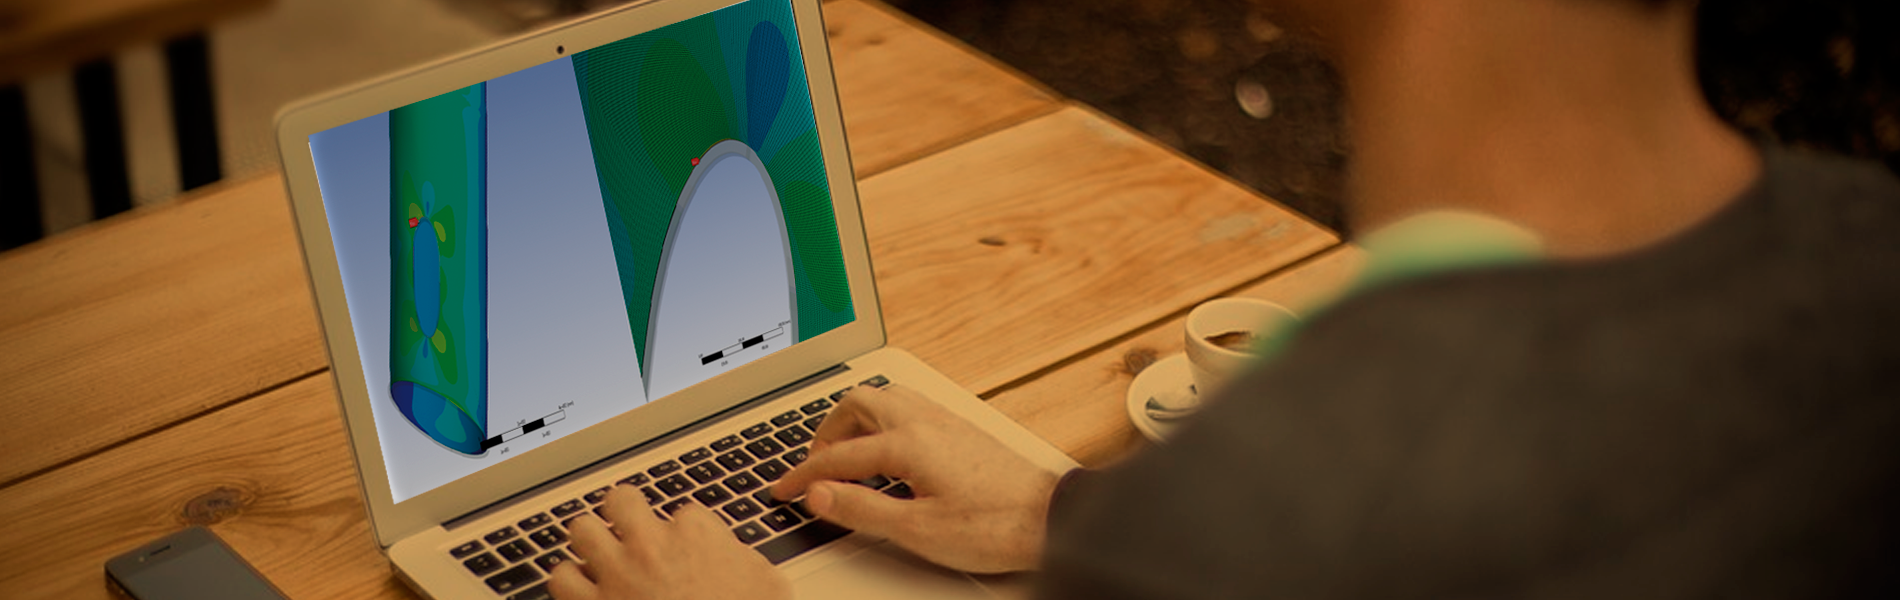 Prototipado virtual